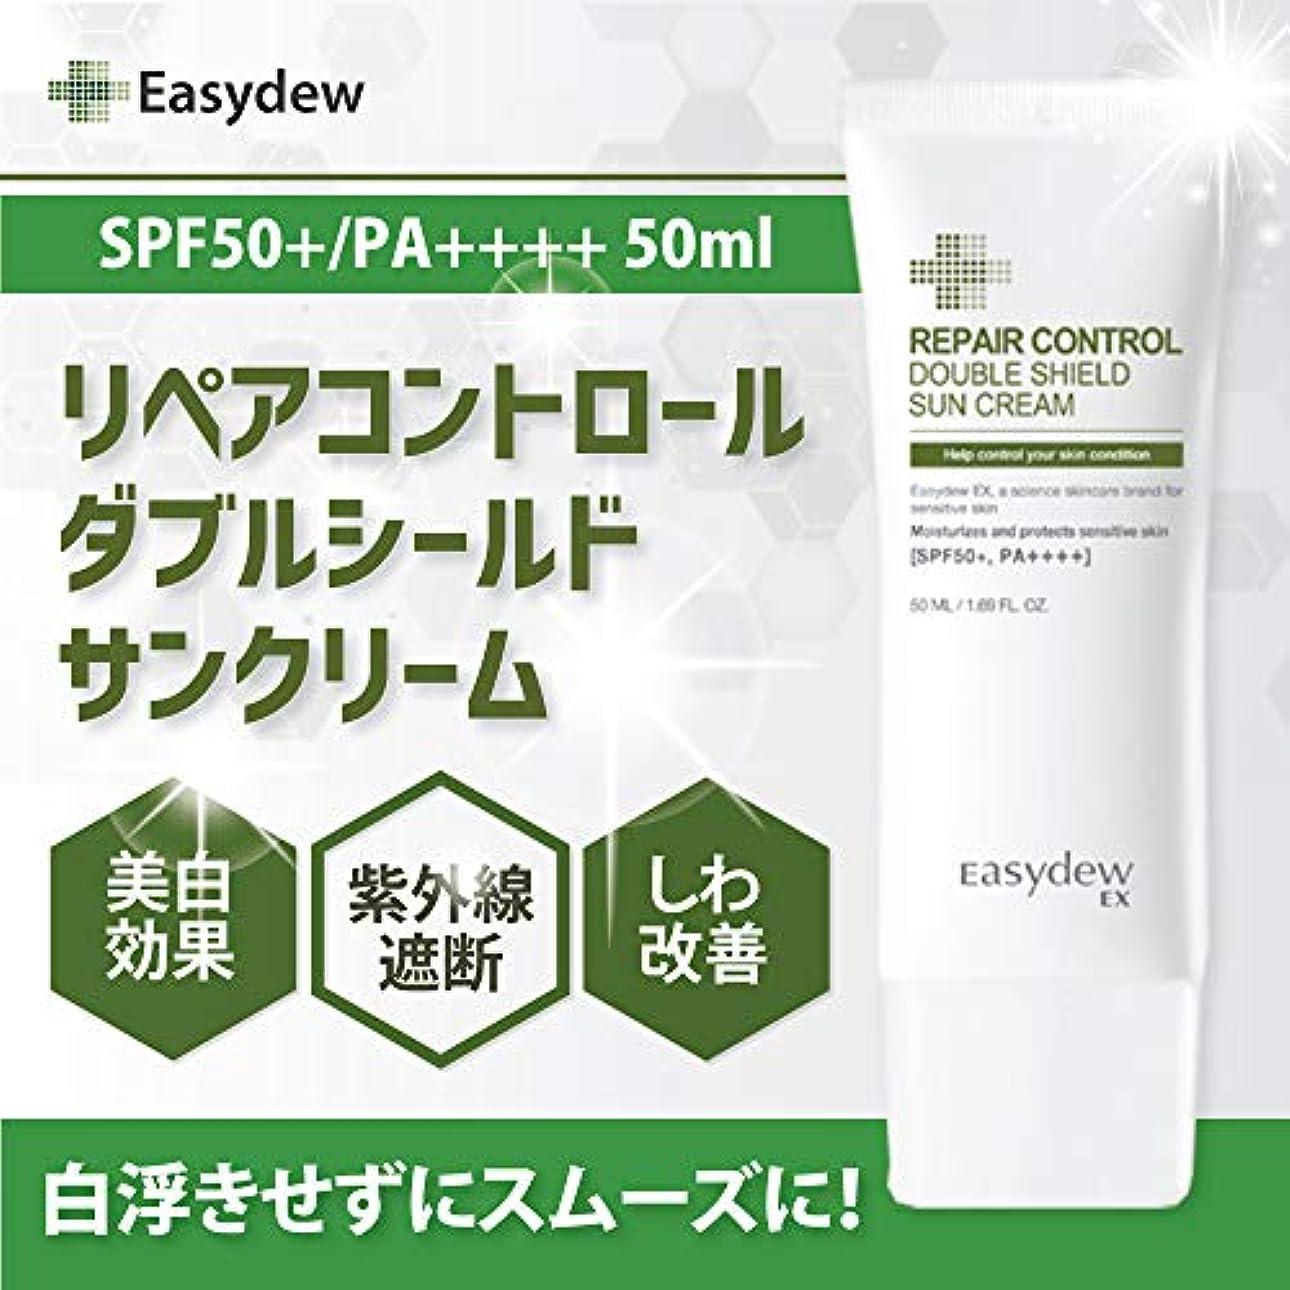 菊ブリーク偽デウン製薬 リペア コントロール ダブル シールド サン?クリーム SPF50+/PA++++ 50ml. Repair Control Double Shild Sun Cream SPF50+/PA++++ 50ml.